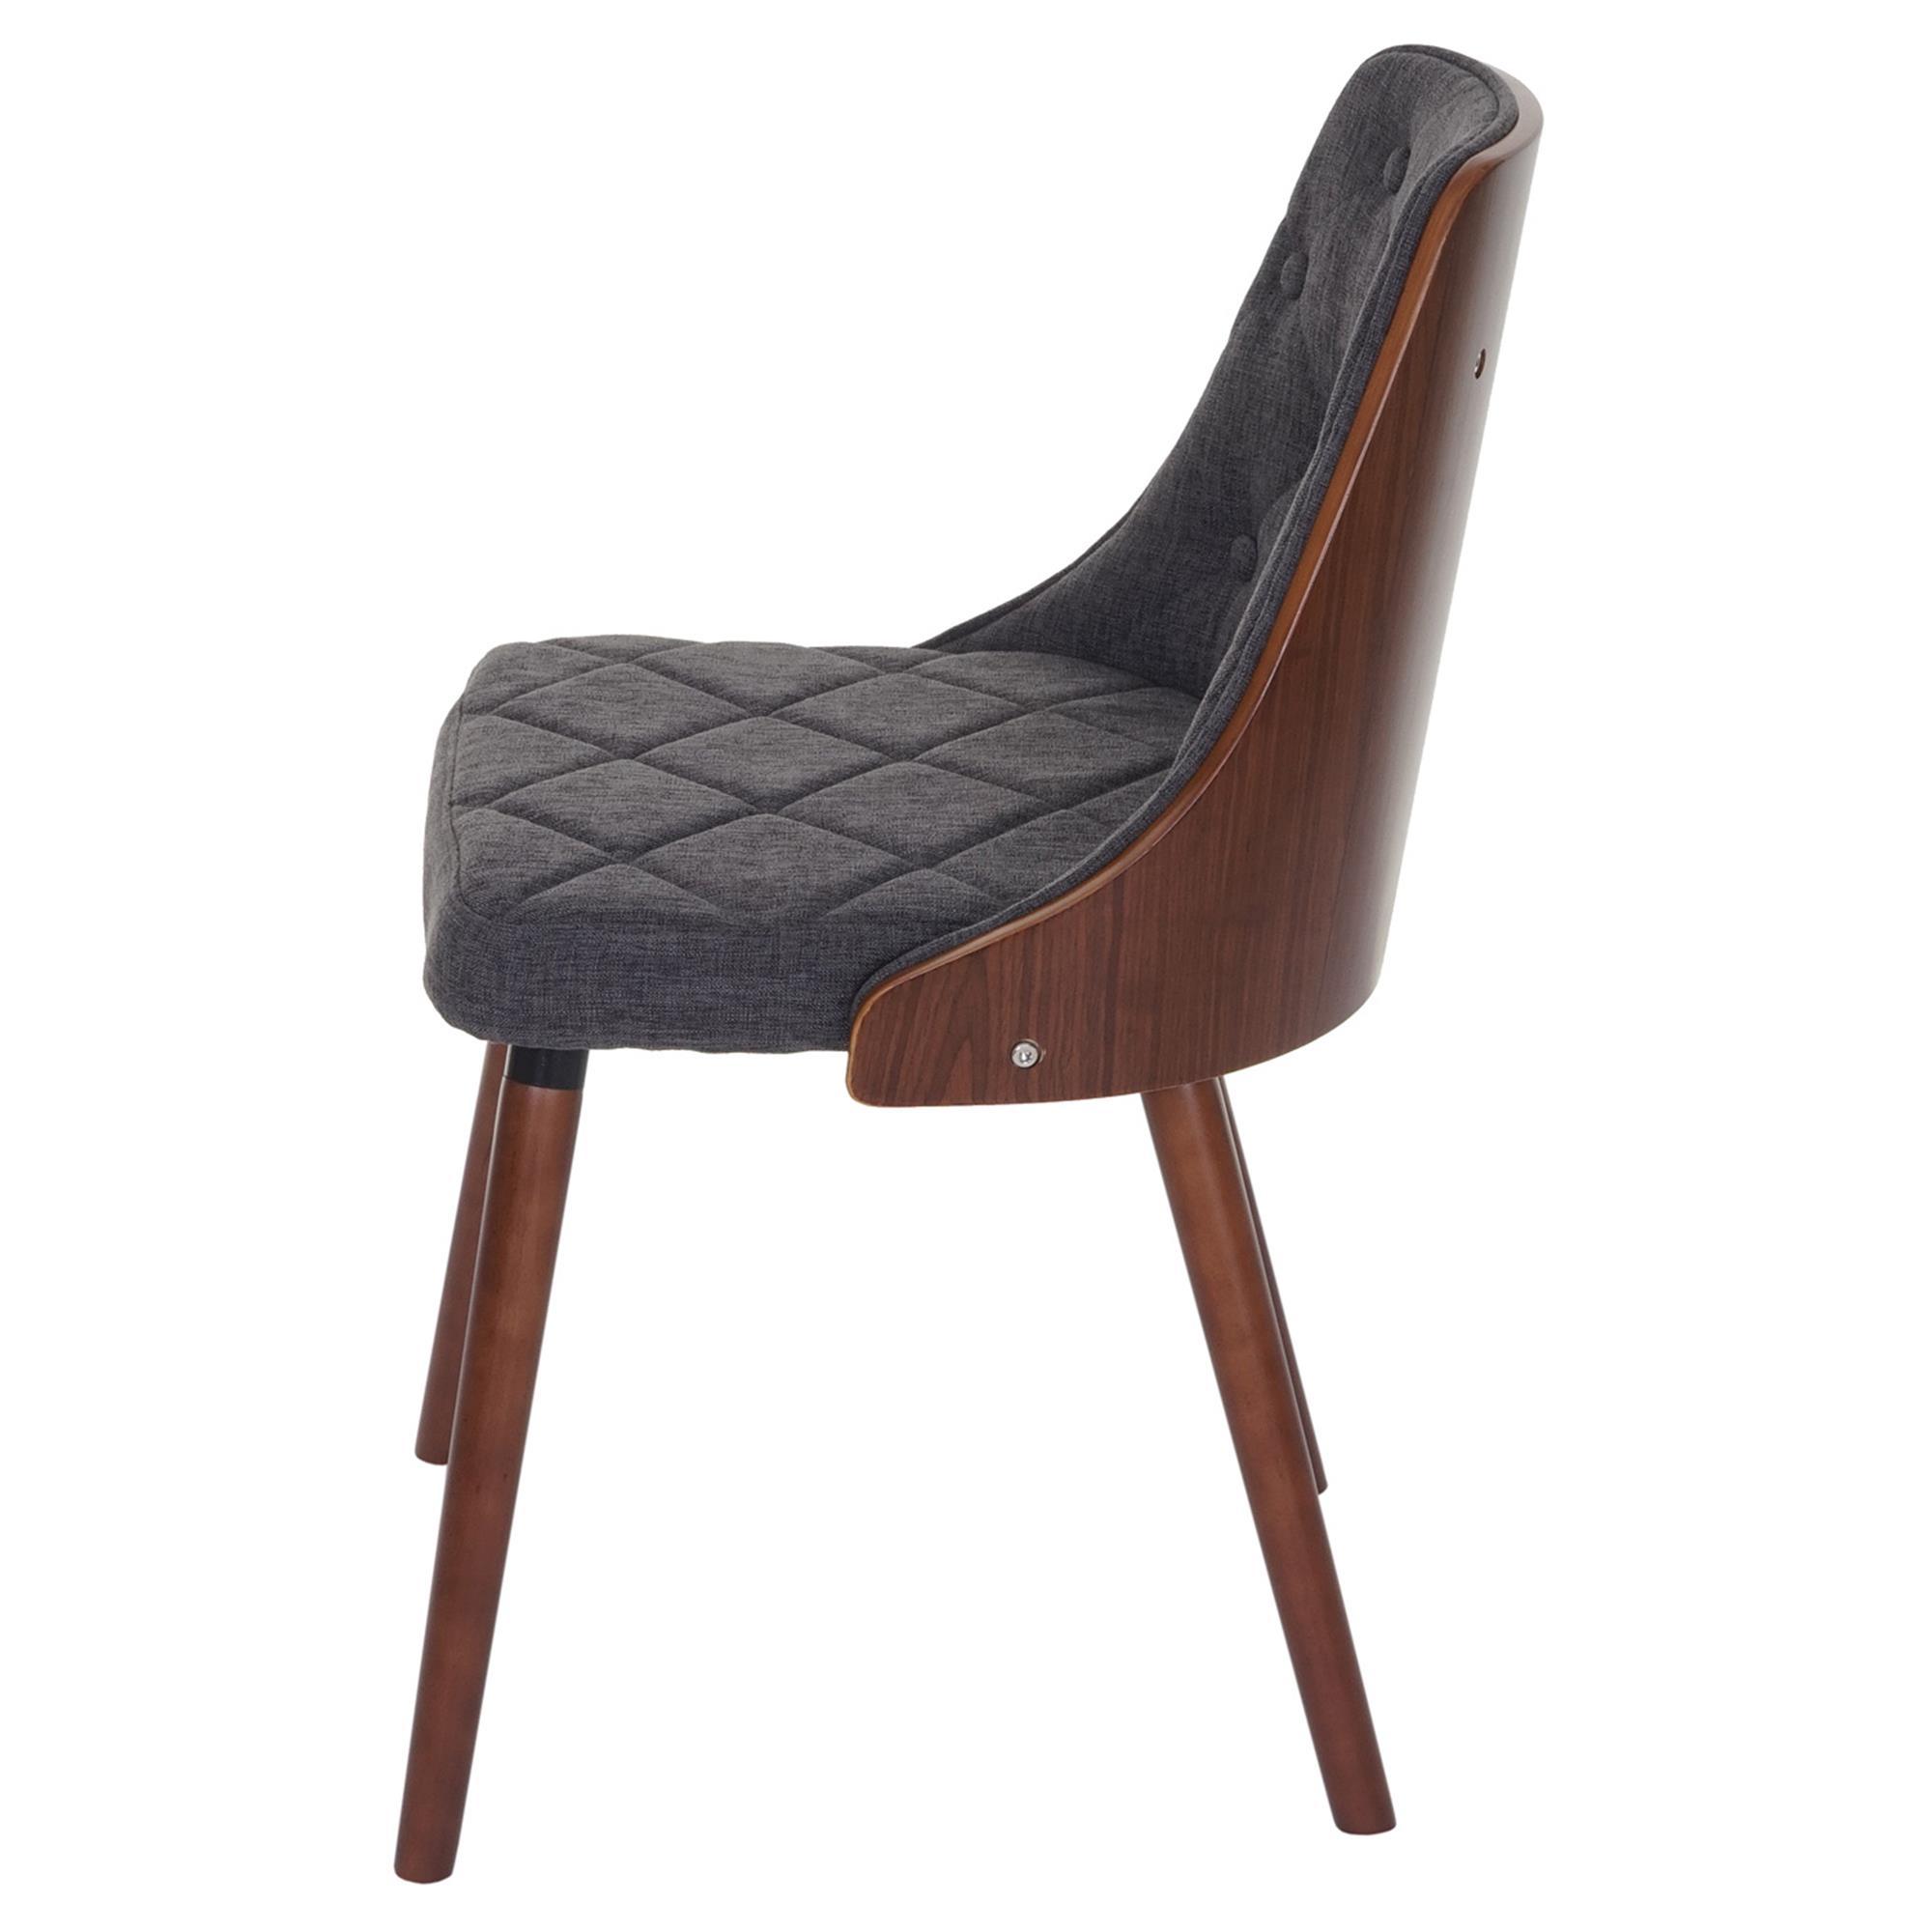 Lote 4 sillas de comedor baley tela en color gris conjunto 4 sillas de comedor baley tela for Comedor 4 sillas madera